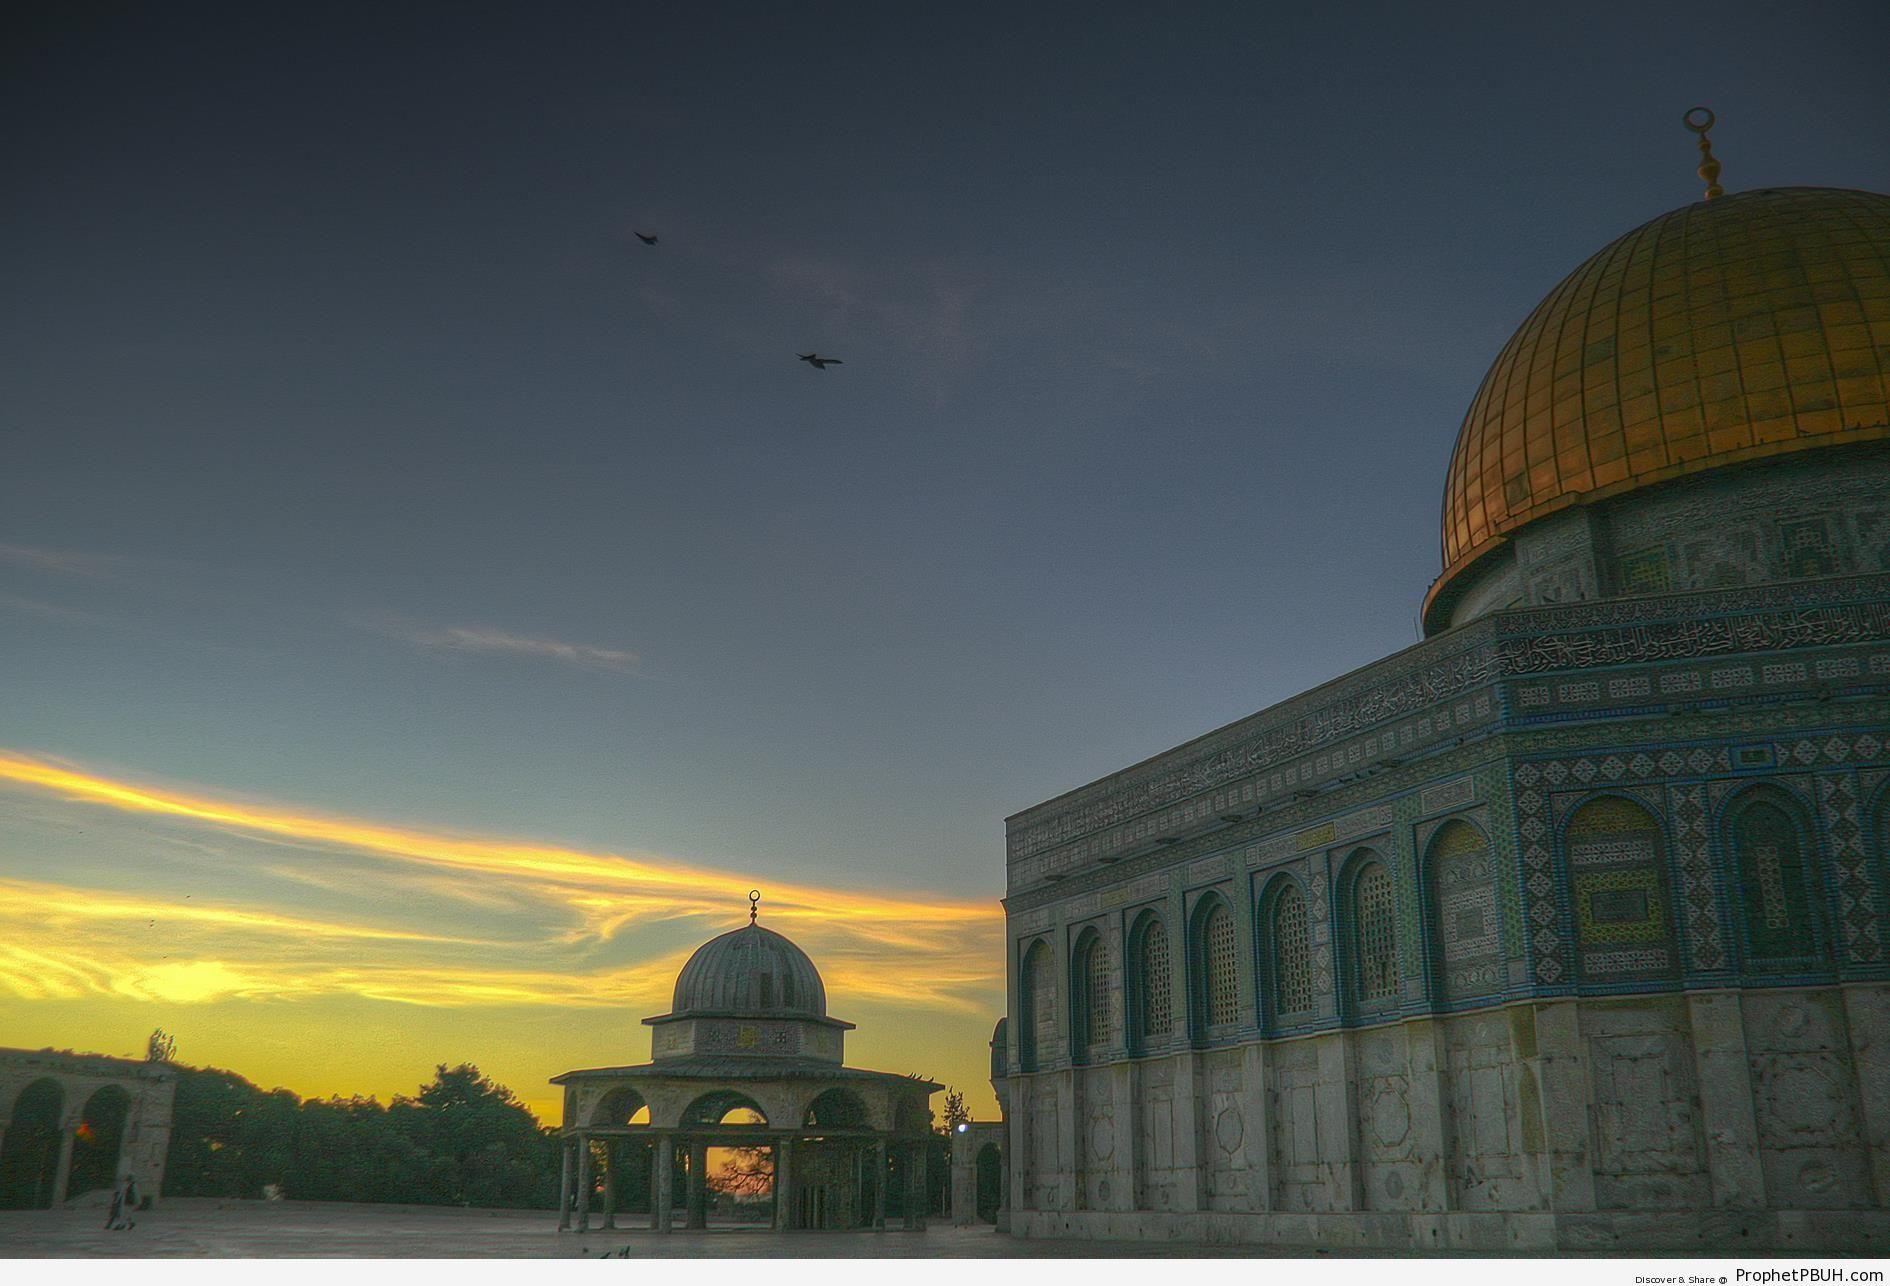 Peaceful Dawn at Dome of the Rock Mosque in Jerusalem, Palestine - Al-Quds (Jerusalem), Palestine -Picture